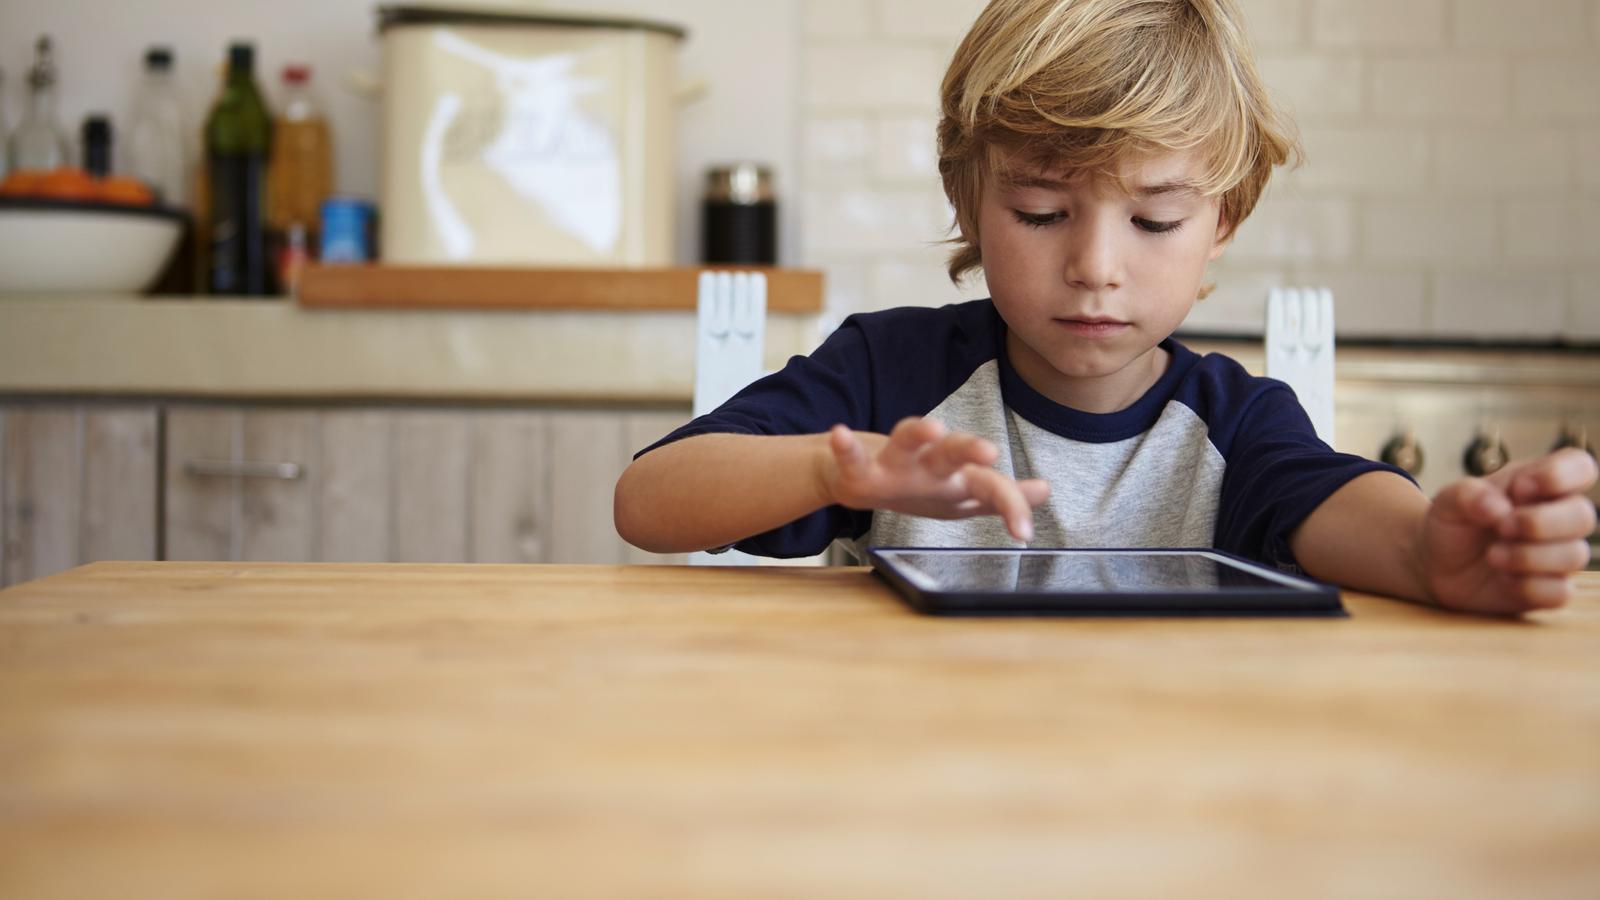 SOS cangurs: els pares busquen alternatives per tenir ocupats els fills